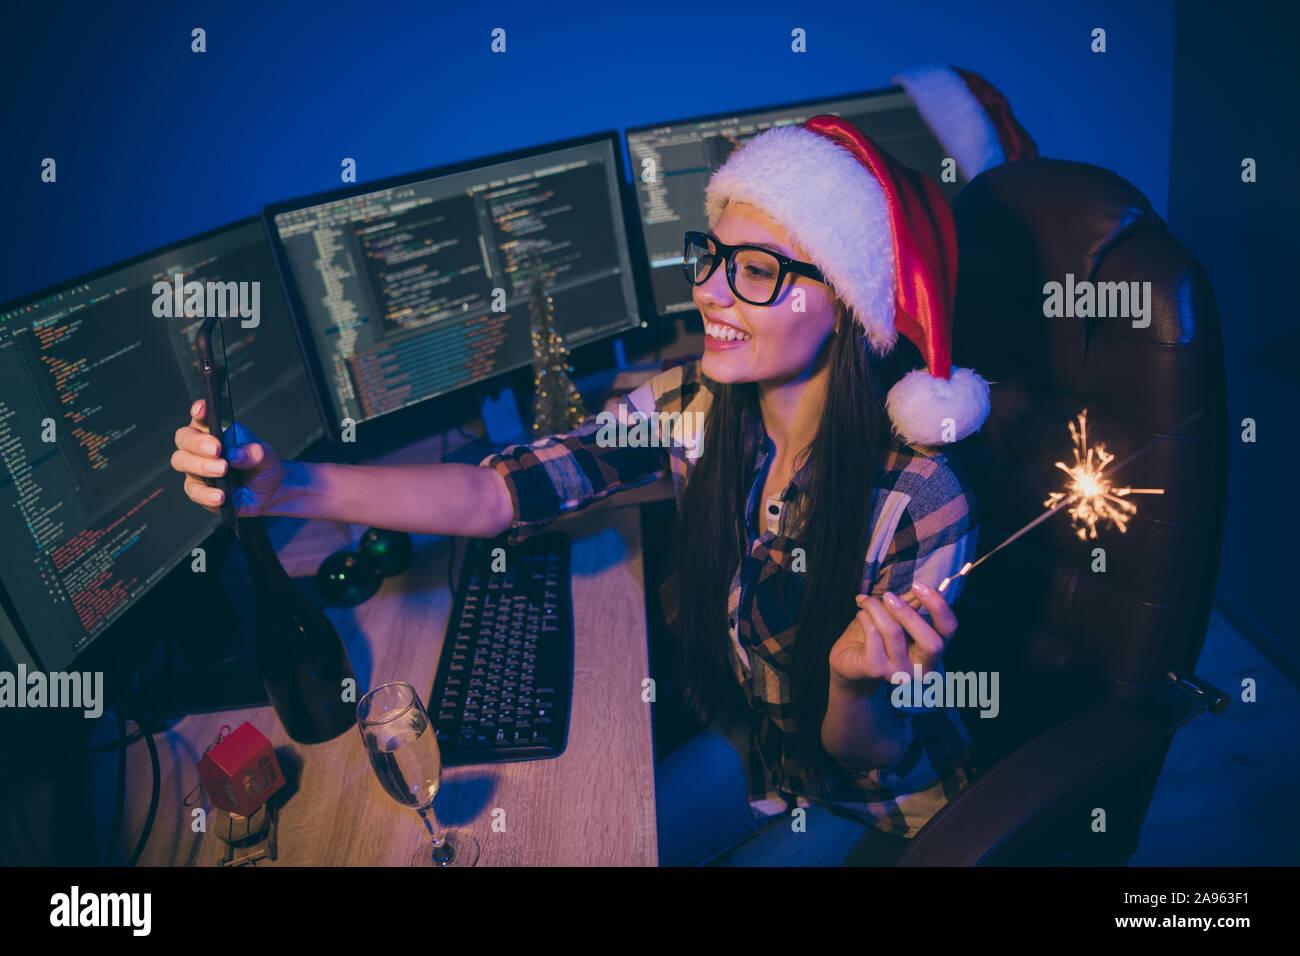 Foto di lavoro coder lady notte di lavoro soddisfare newyear office tenere premuto Telefono sparkler tenendo selfies bere il vino parla di skype usura parenti babbo natale Foto Stock